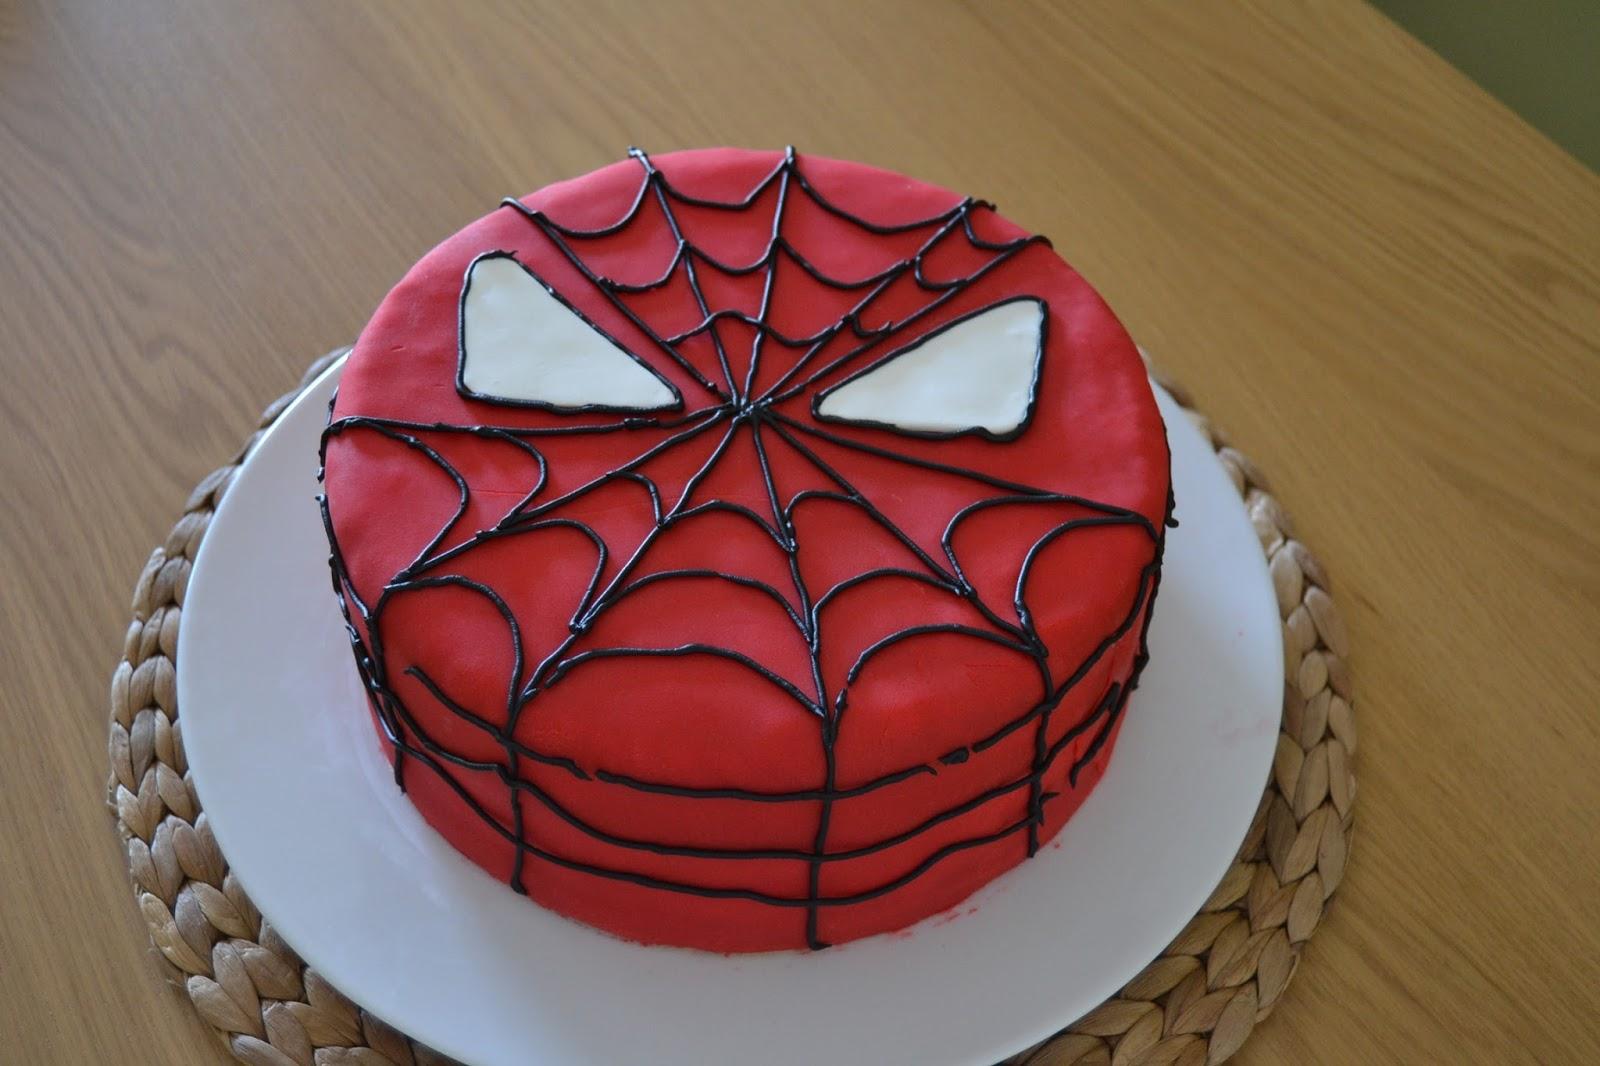 A rapariga do blog ao lado um bolo com cara de homem aranha ento apresento vos aquele bolo que todos sabem fazer nada na manga nada na outra zero truques muito fcil trata se de um simples bolinho de natas com altavistaventures Image collections